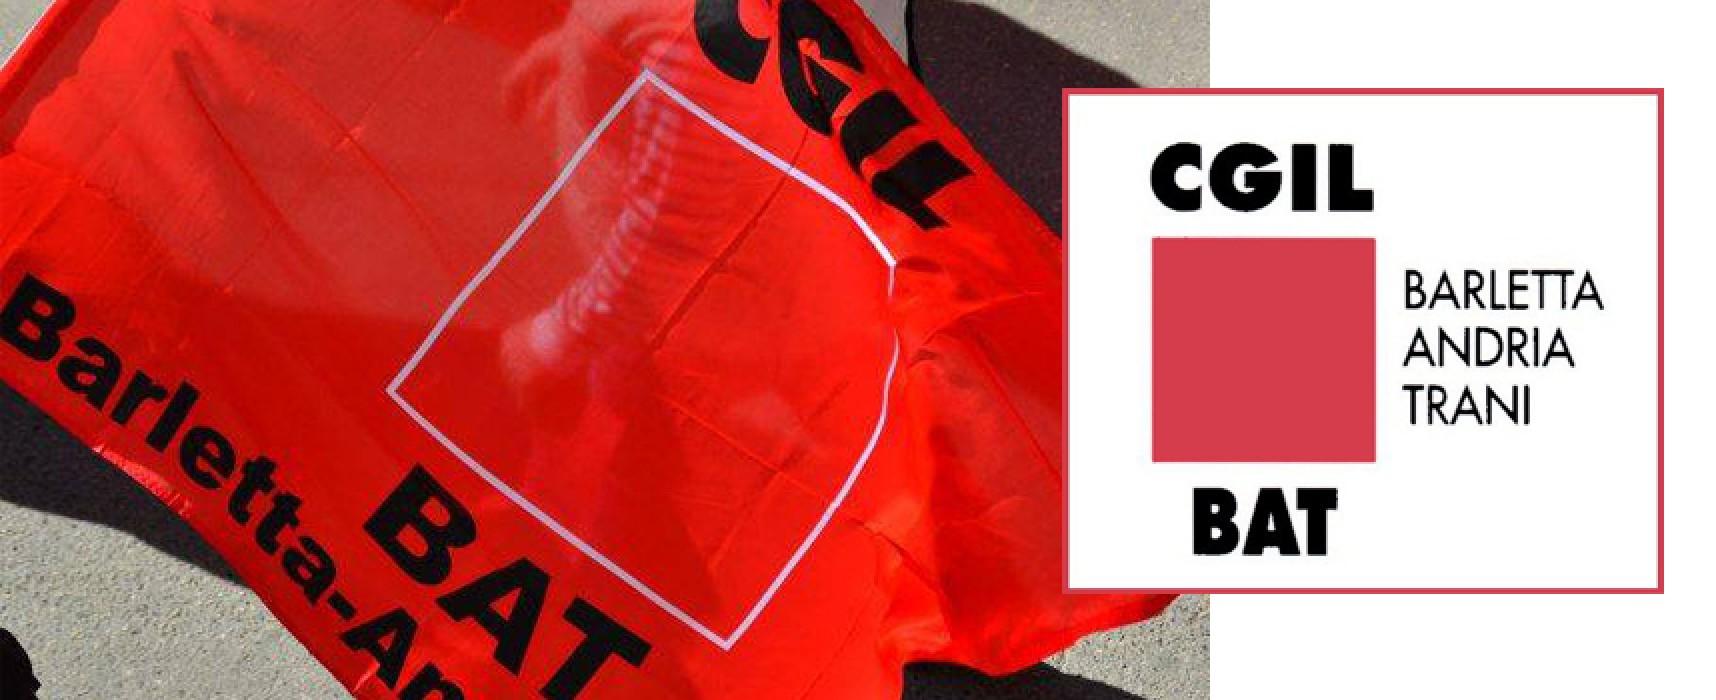 Luoghi di lavoro e personale, temi dell'incontro tra Cgil Bat e amministrazione